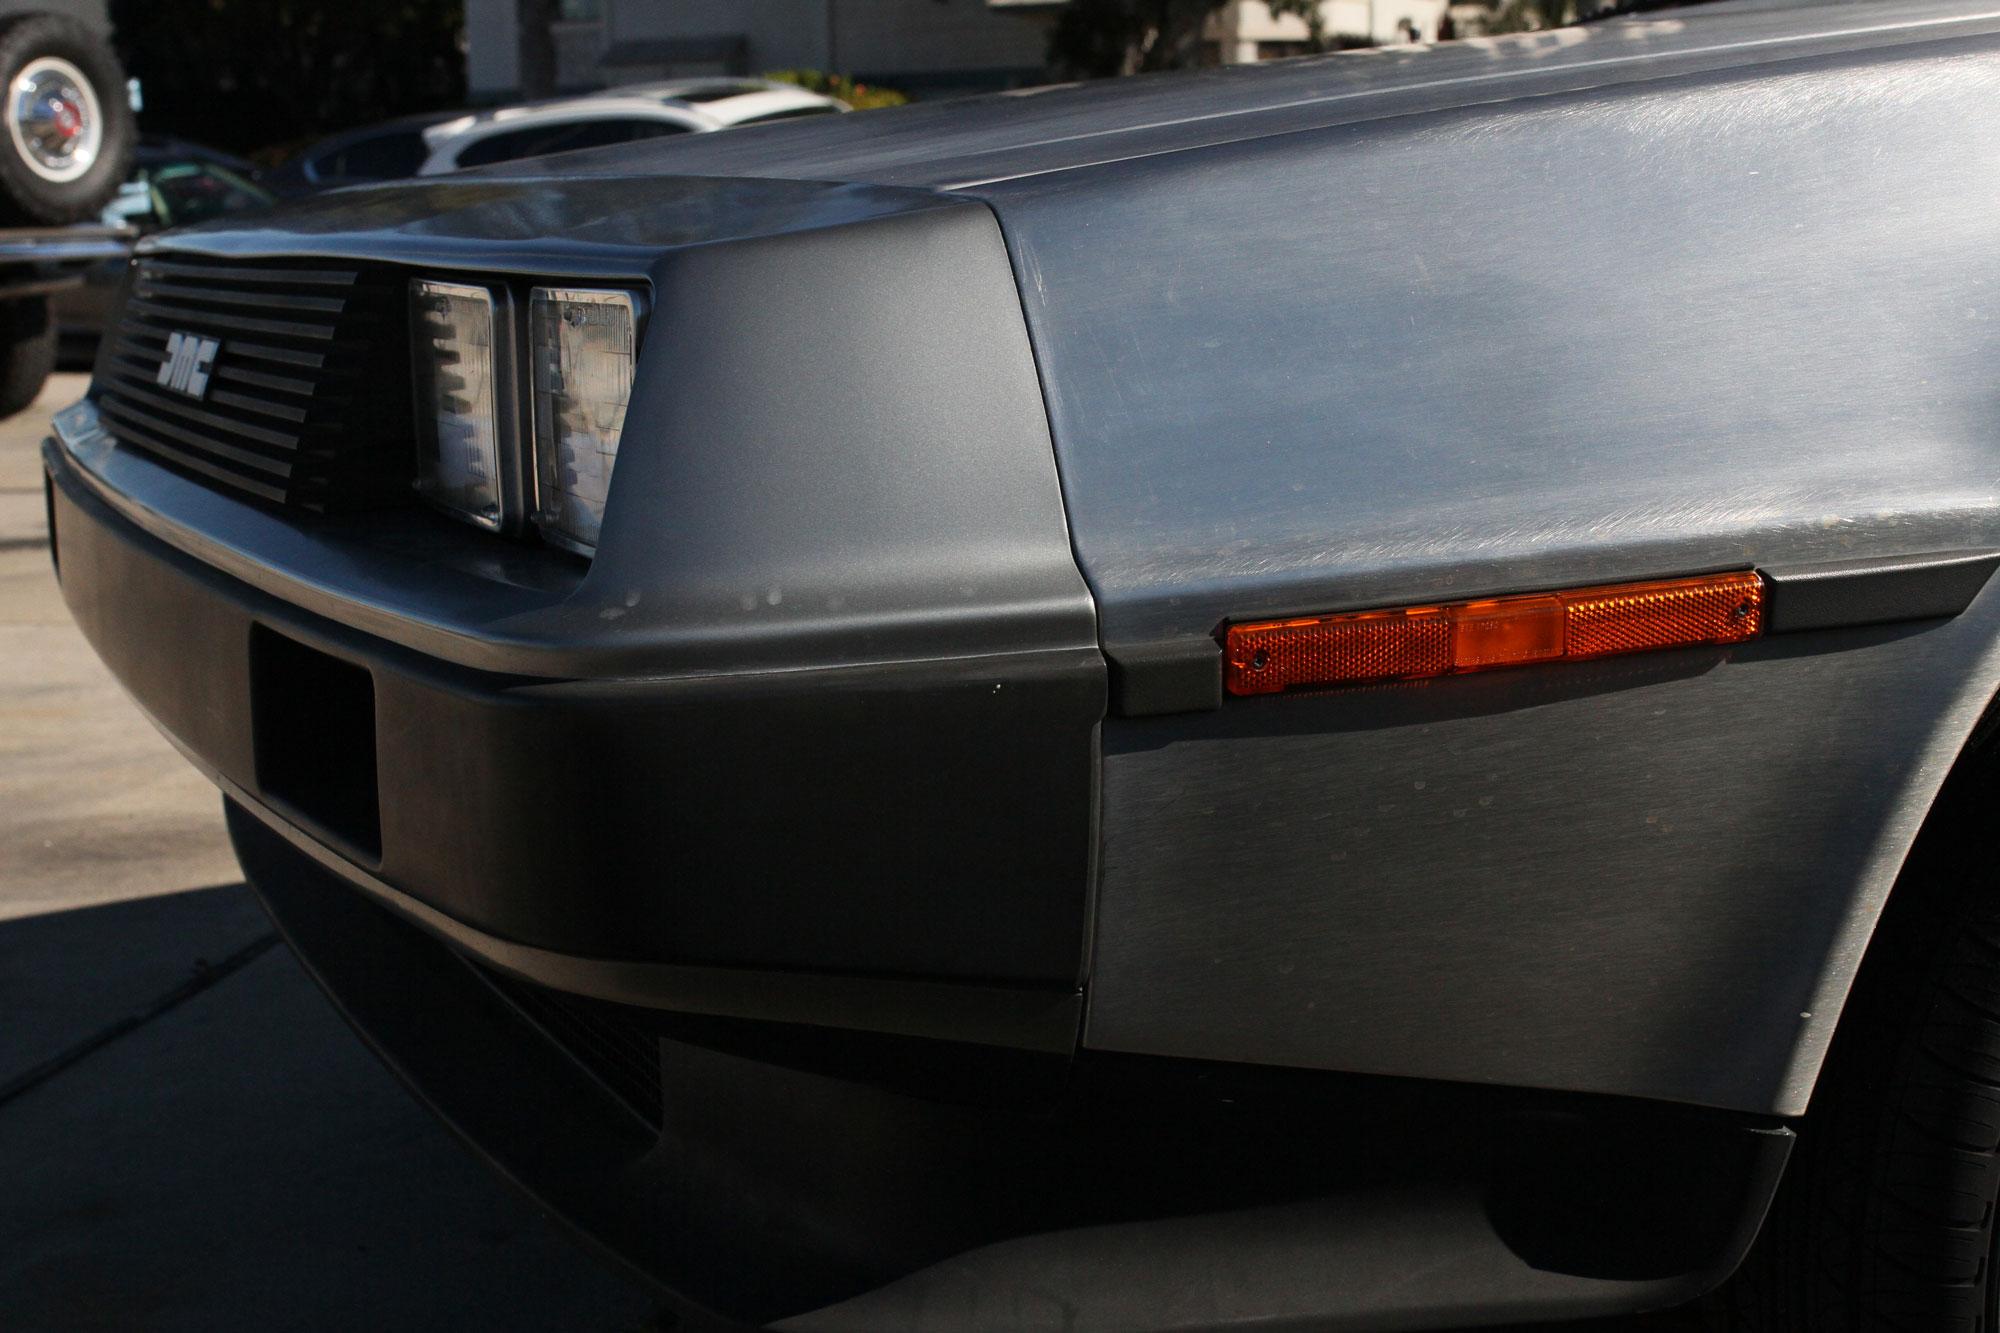 vänster front av DeLorean 1981 utanför Garage 77 med Ford Bronco i bakgrunden